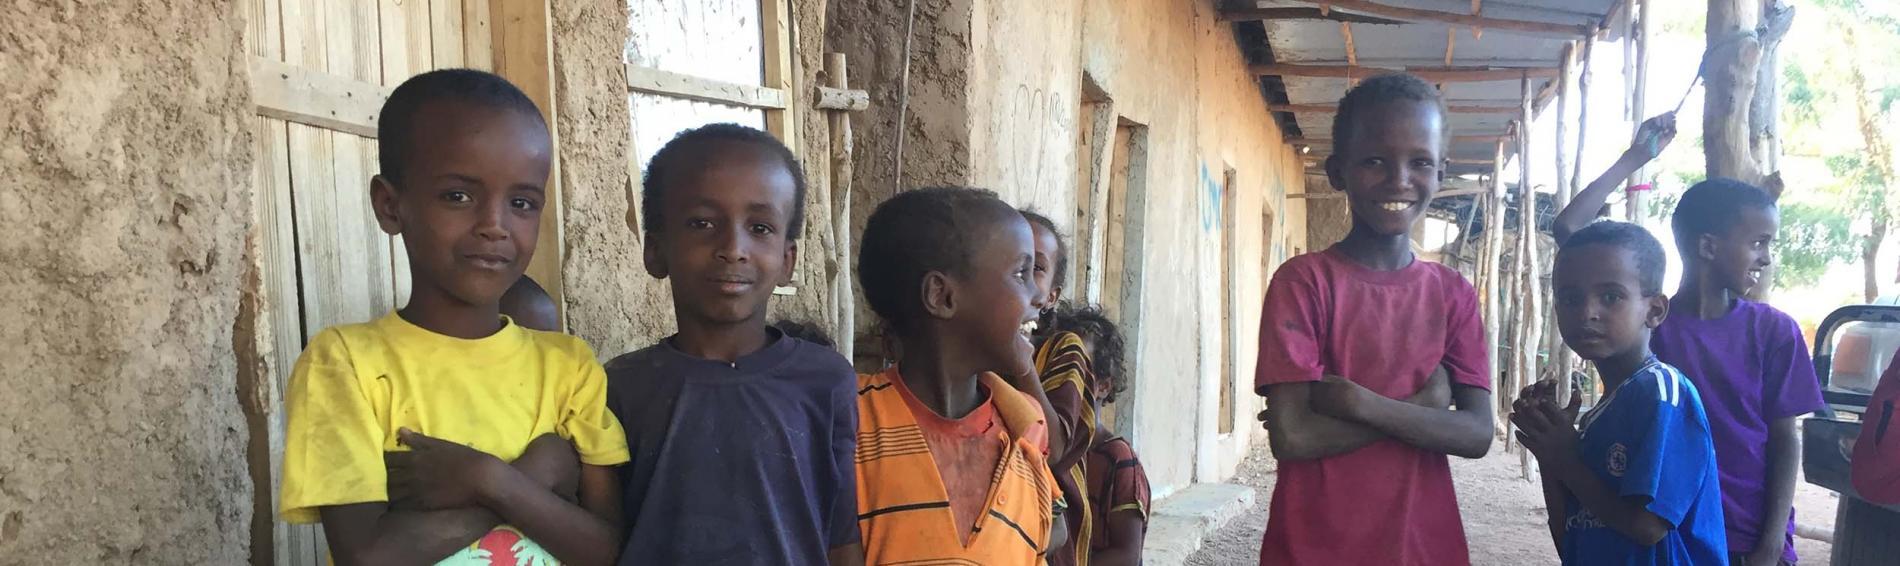 Kinder bei einem Gesundheitszentrum in Lagahida in Äthiopien. Foto: Ärzte der Welt